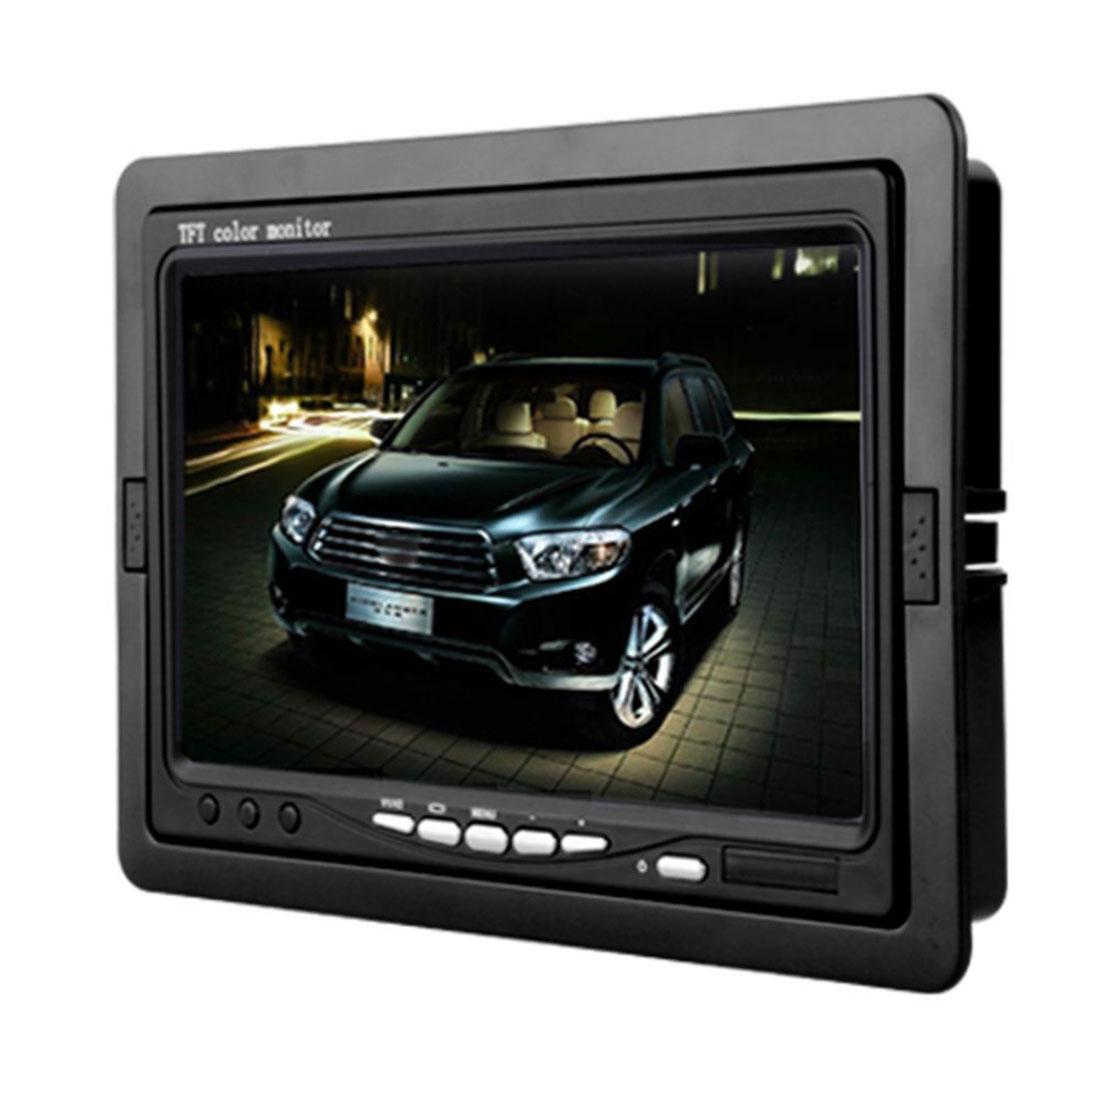 Marsnaska-REPRODUCTOR MP5 para coche, 7 pulgadas, TFT, LCD, cámara de visión trasera inversa, Monitor de cámara de respaldo, accesorios para coche, piezas